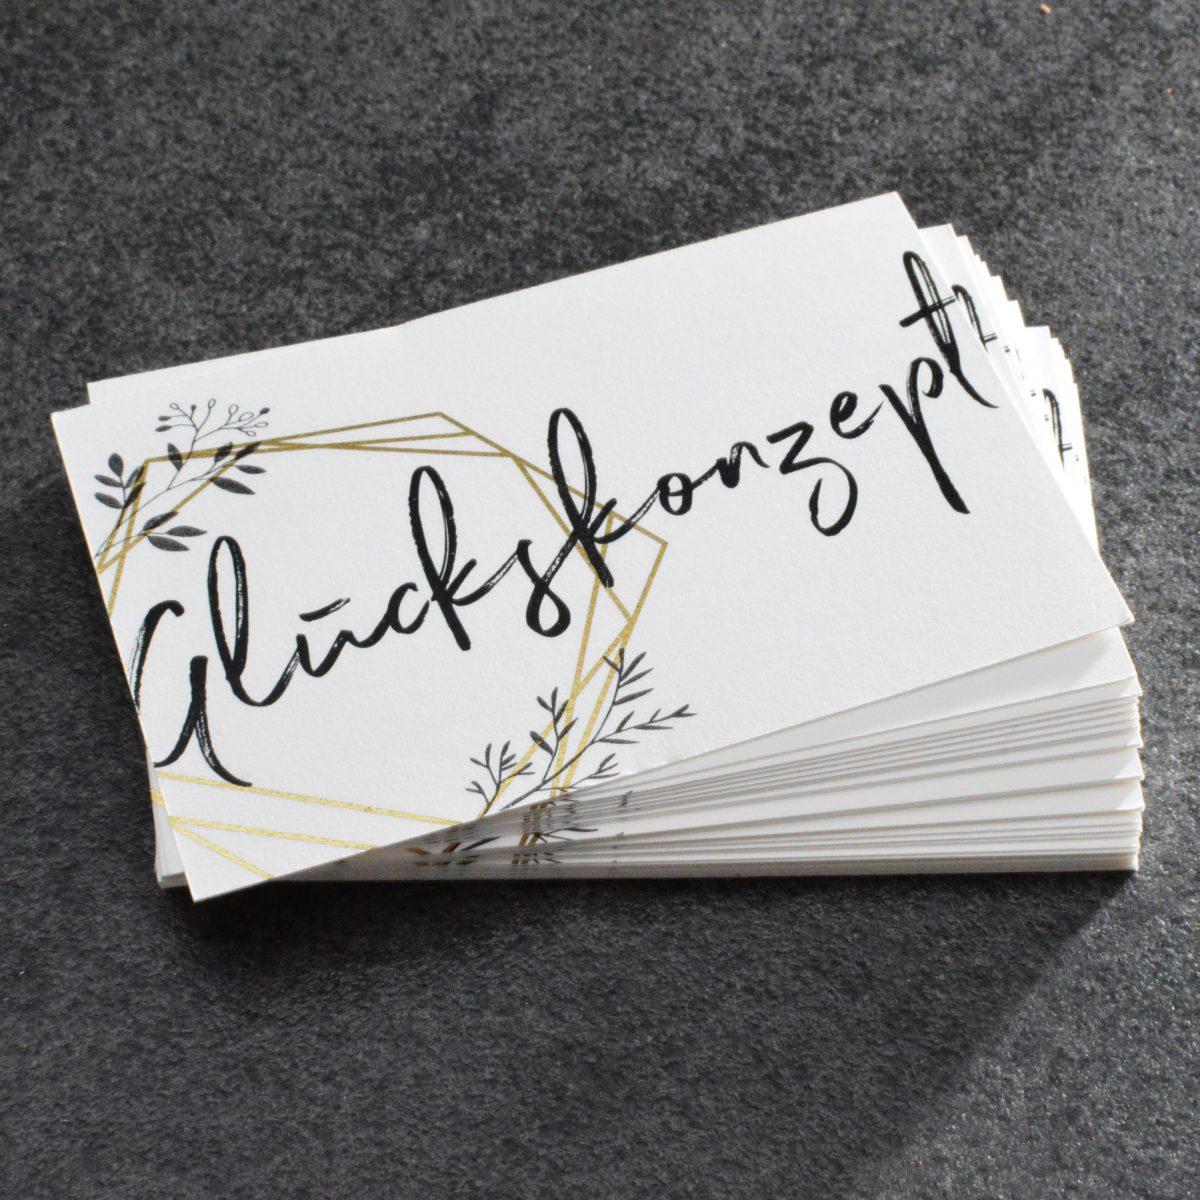 Letterpress Druckerei Freie Fahrt Für Diese Karten Butz